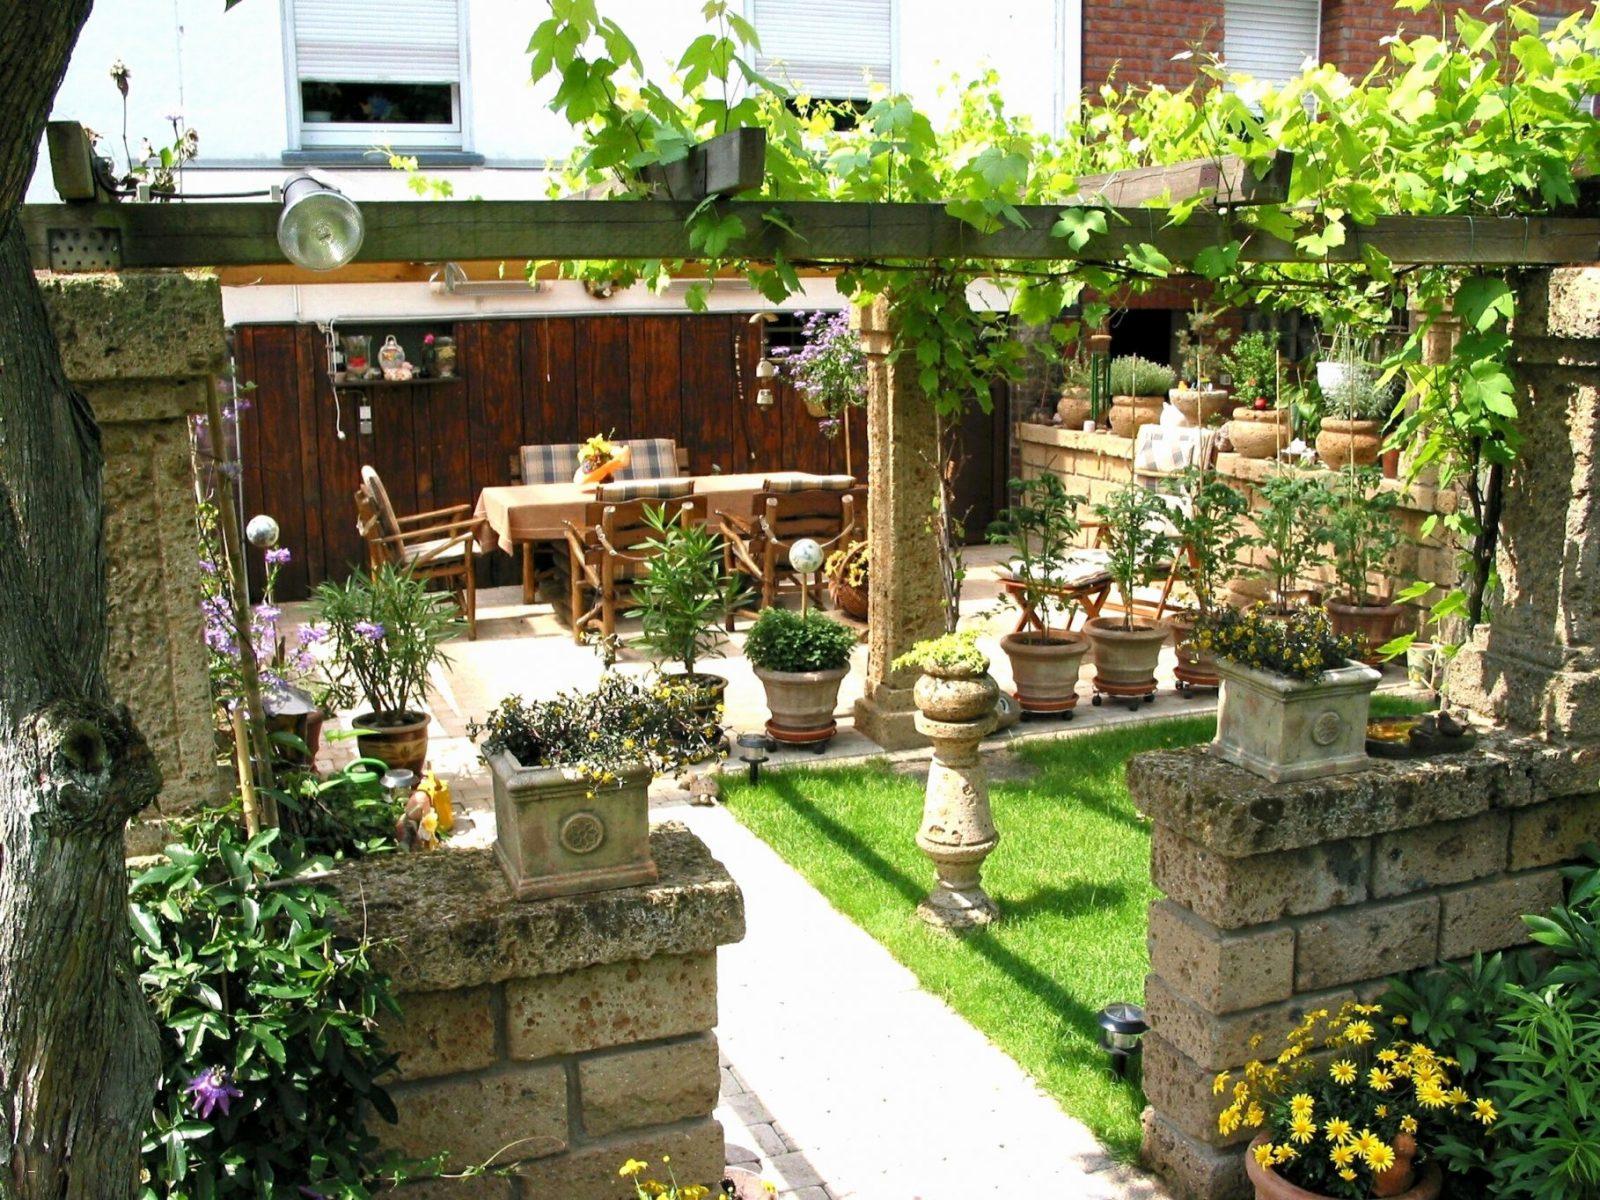 Wohnen Und Garten Abo Das Beste Von Wohnen Und Garten Landhaus von Wohnen Und Garten Abo Photo